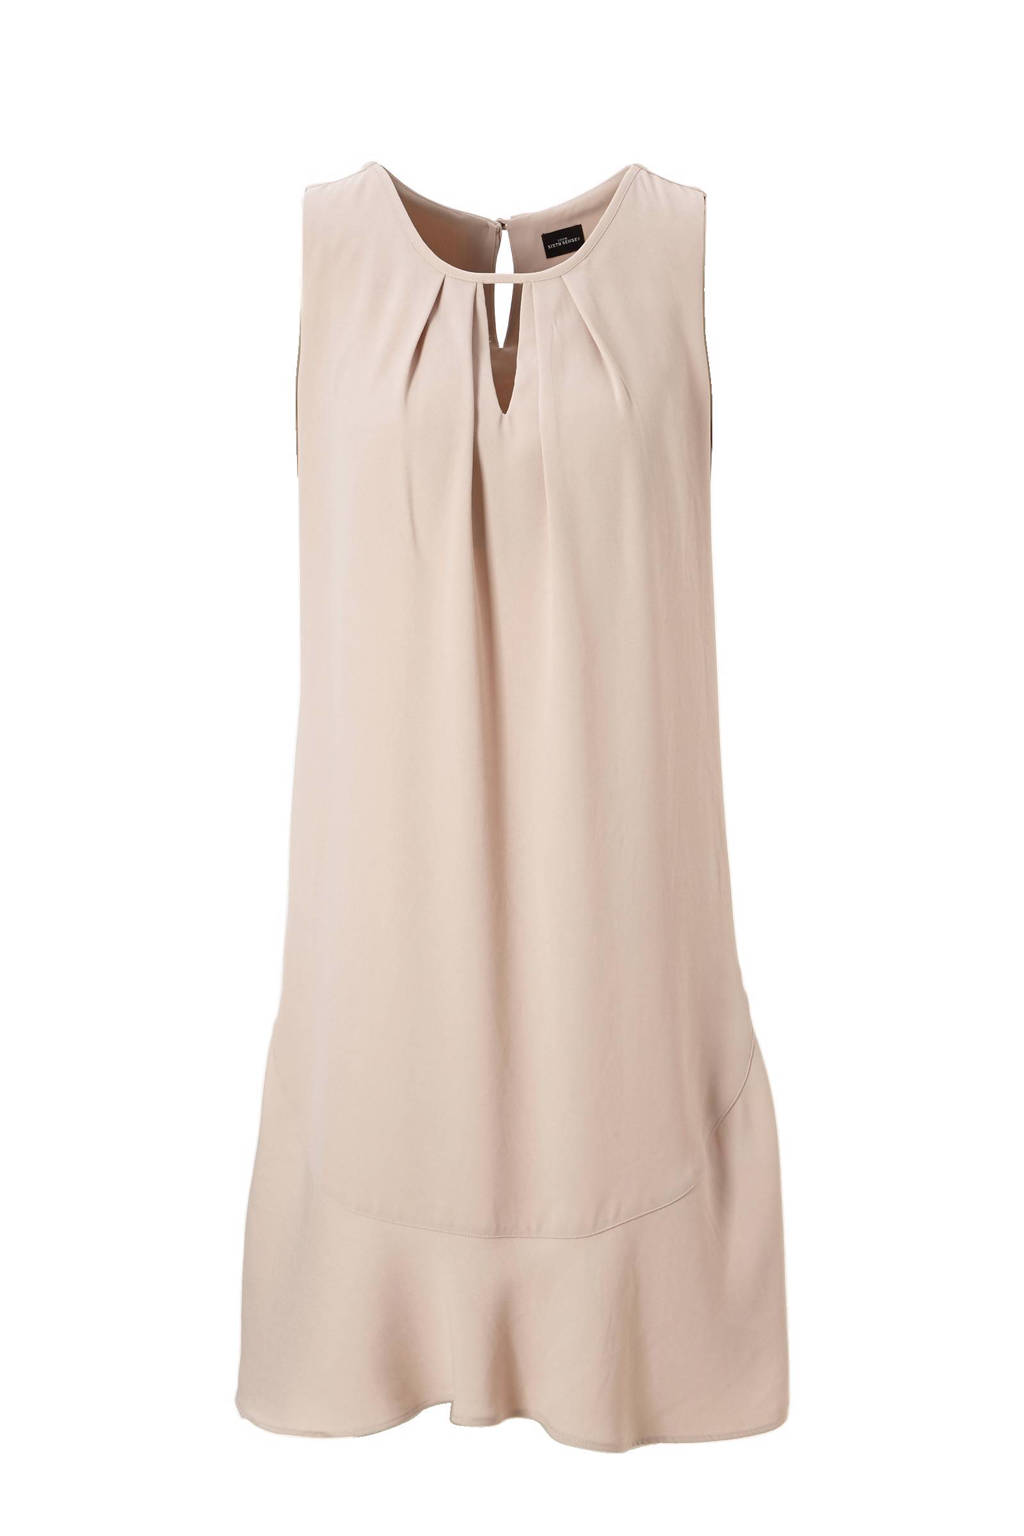 C&A YSS Shop jurk, Oudroze